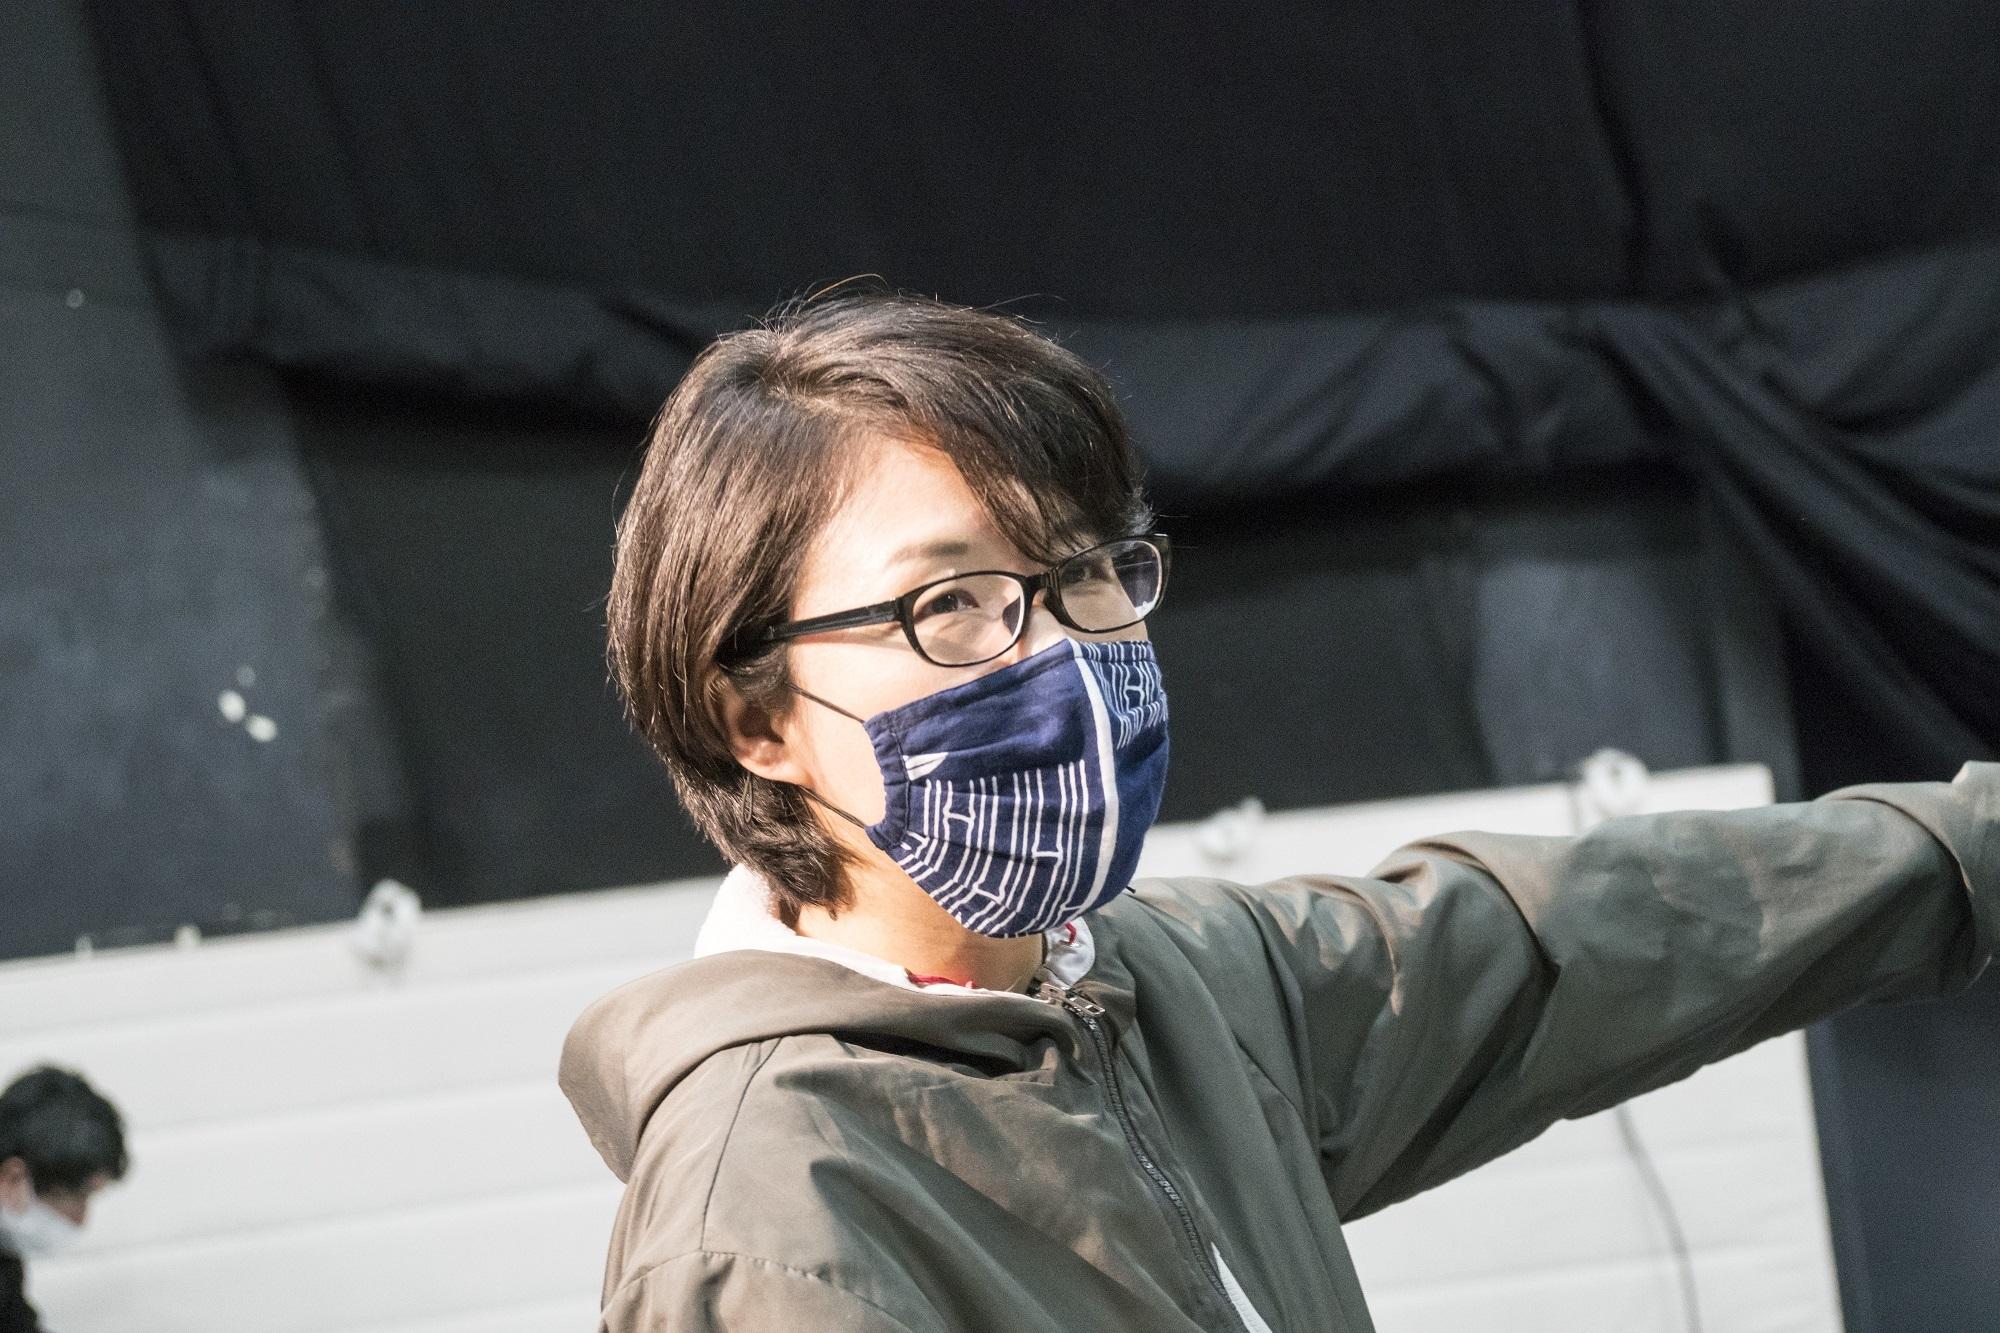 演劇集団円『光射ス森』、劇作・演出を手がける内藤裕子。 撮影/森田貢造